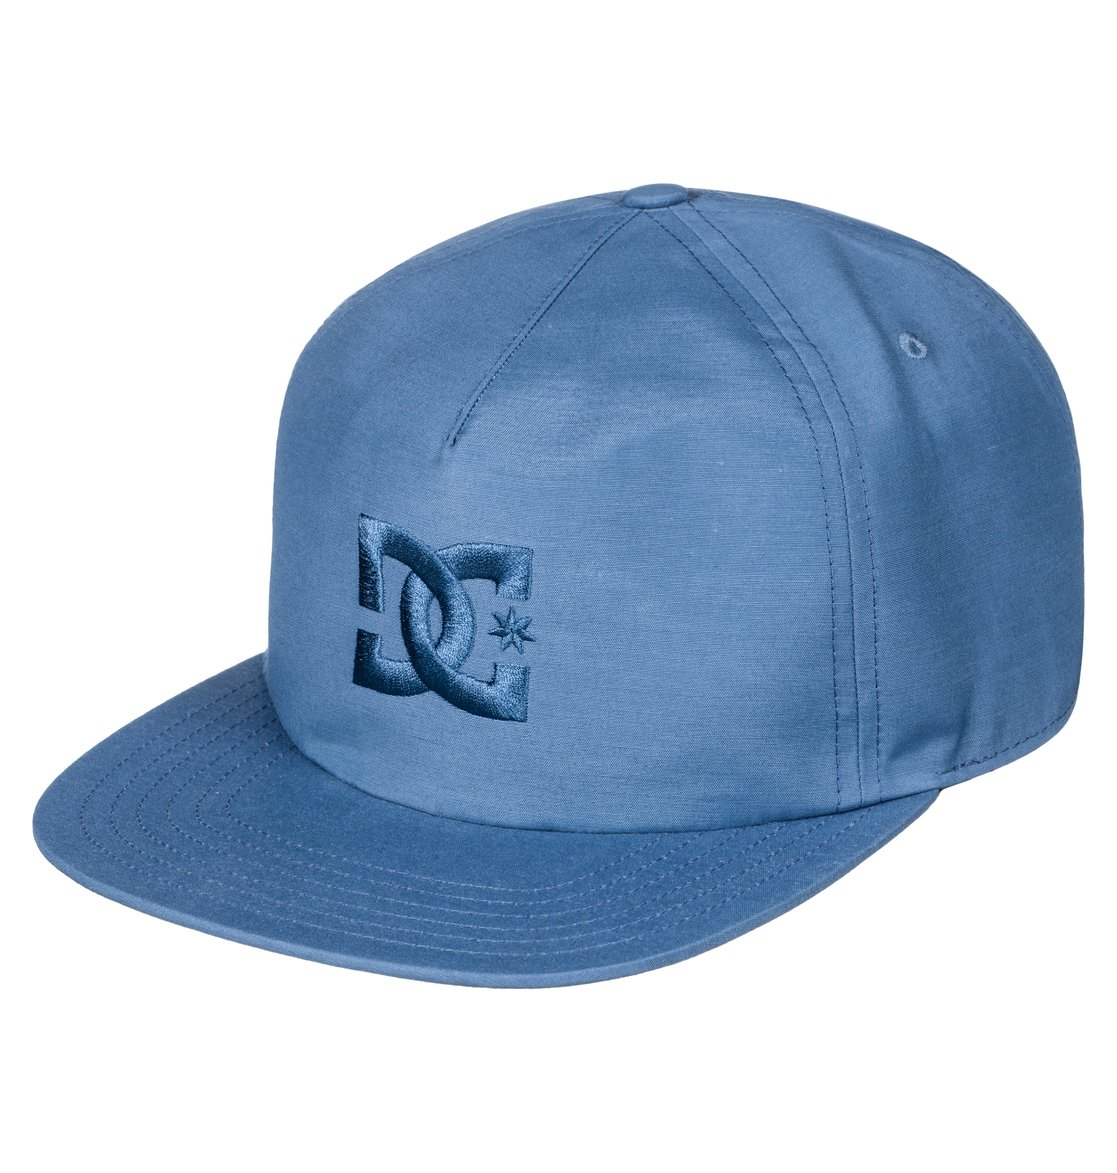 0 DC BONE FLOORA IMP Azul BR78802683 DC Shoes a31eb91e9405f